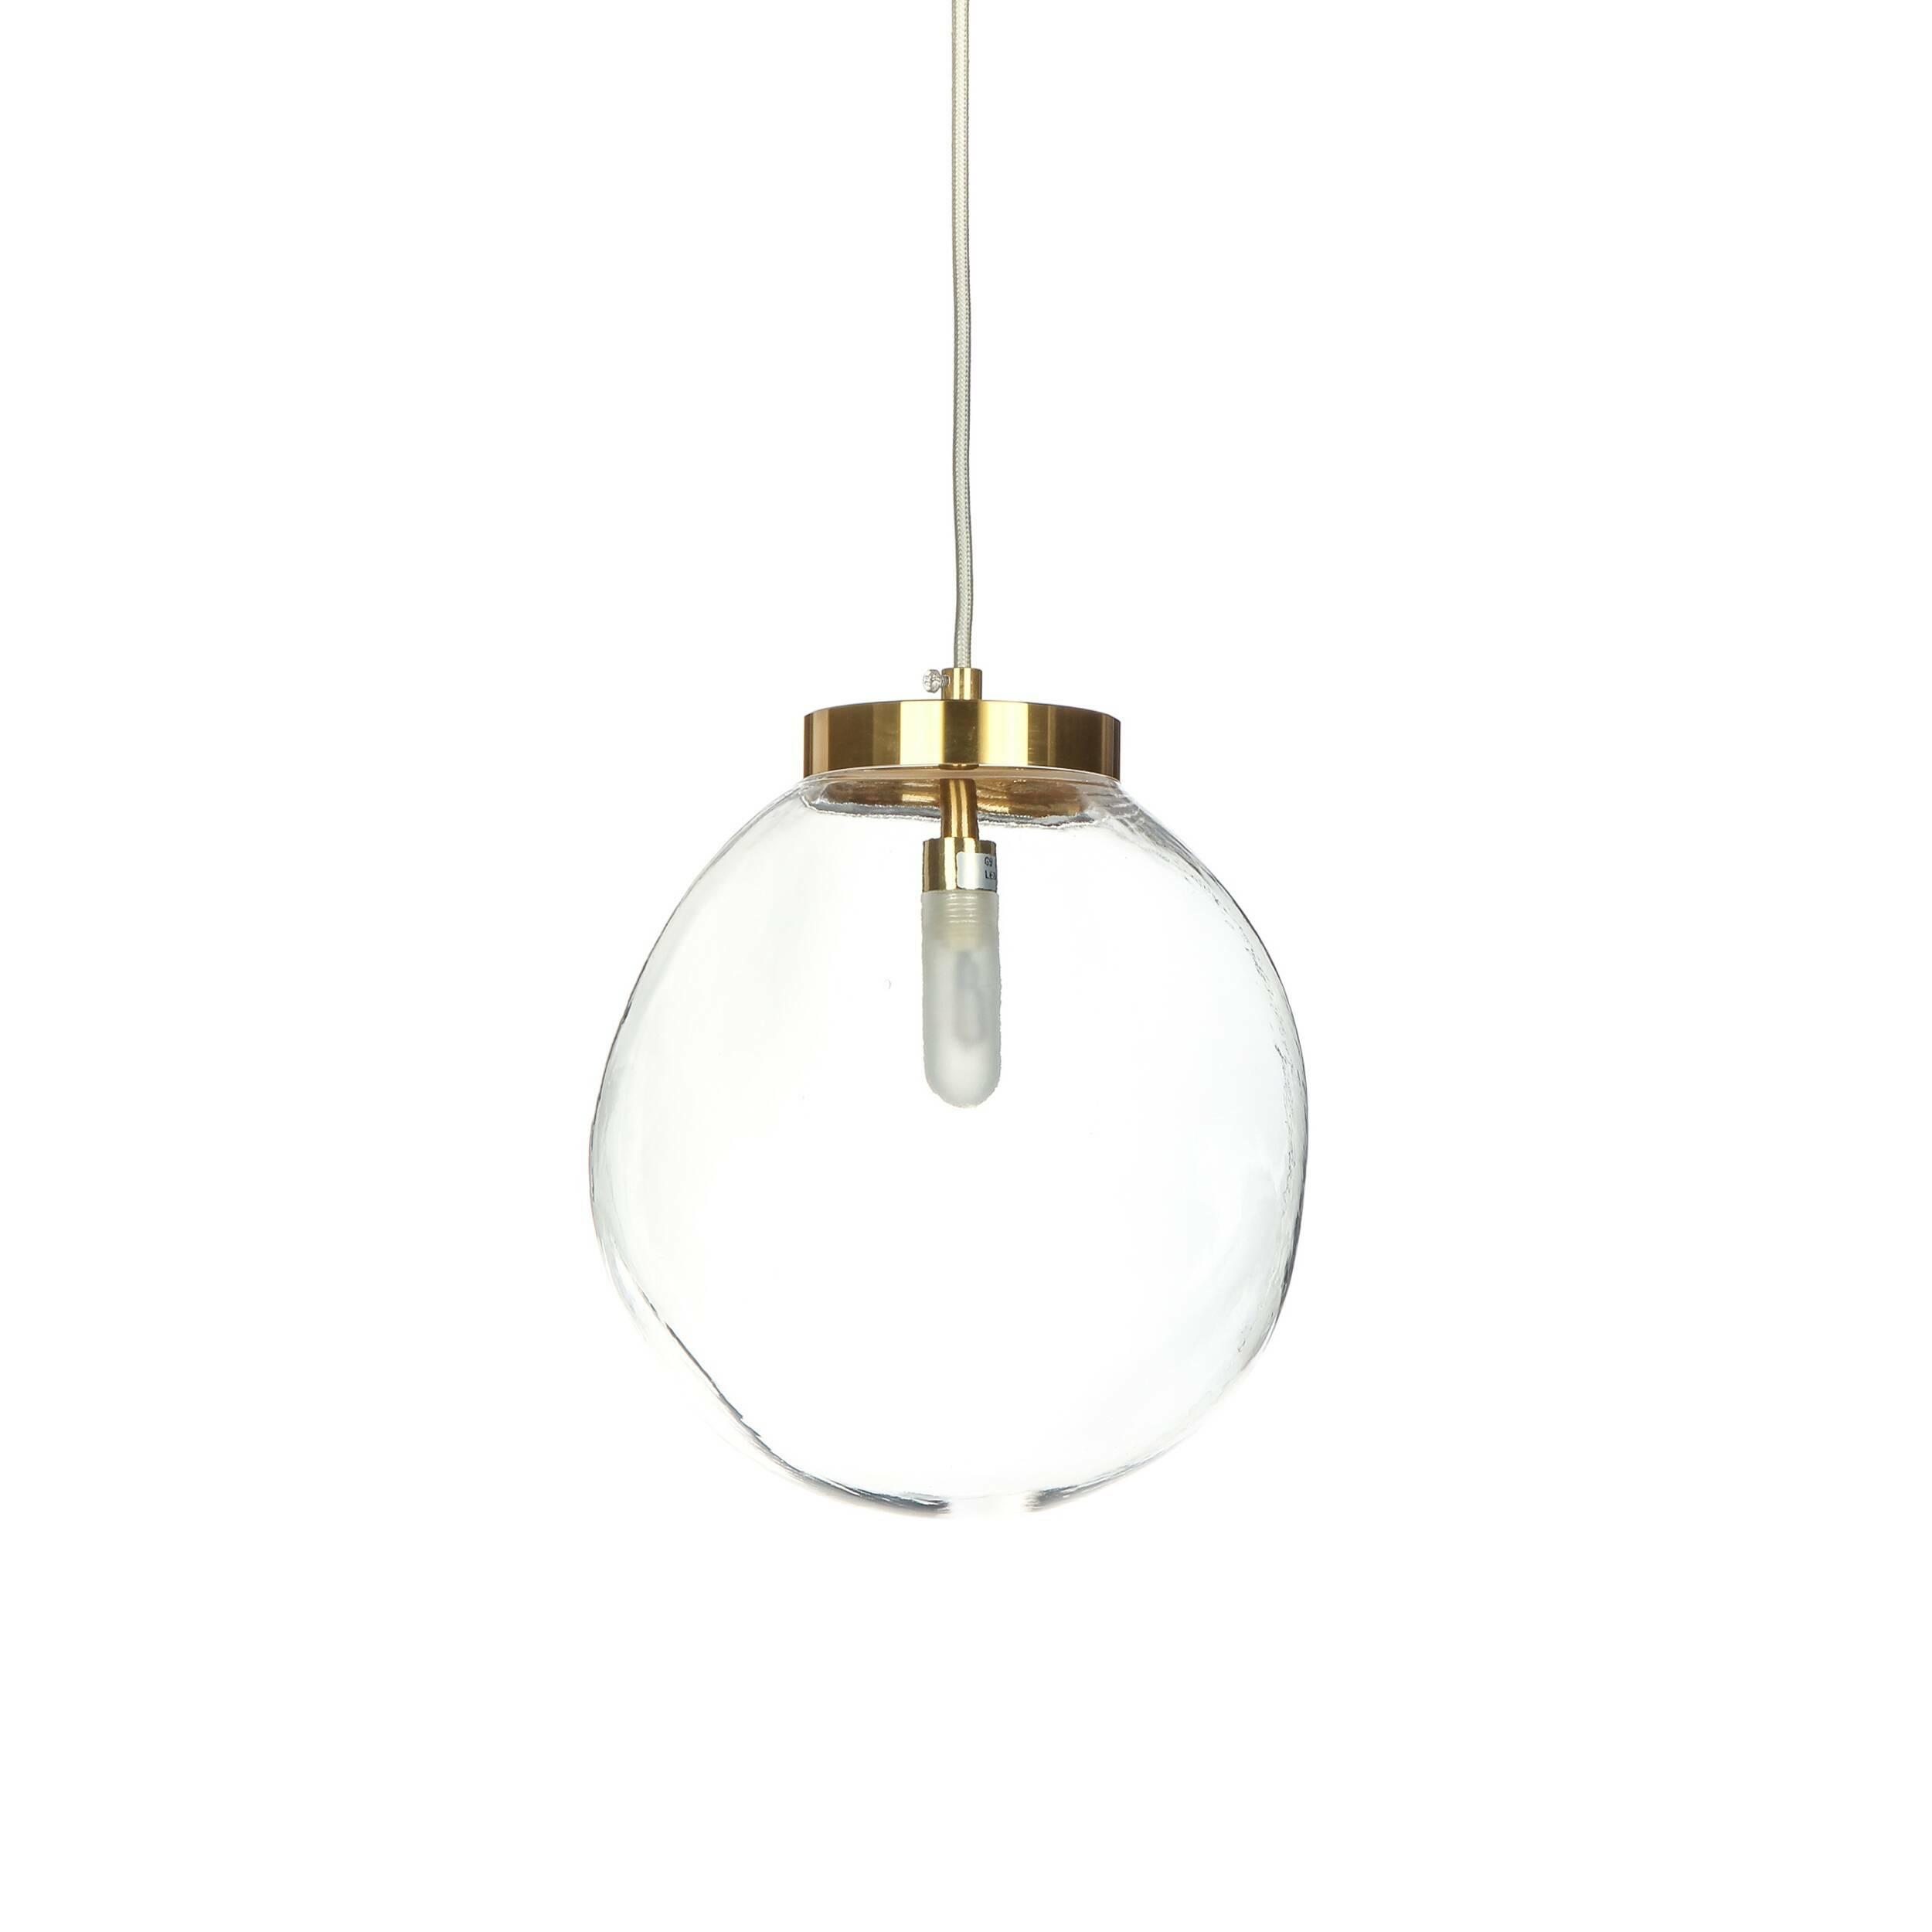 Подвесной светильник Saronno диаметр 24Подвесные<br>Минималистичные лампы пользуются бешеной популярностью не только в соответствующих стилях вроде минимализма, хай-тека или лофта, но и в других, даже самых эпатажных интерьерах. Оригинальный подвесной светильник Saronno диаметр 24 будет гармонировать практически с любой дизайнерской задумкой, если она соответствует современным трендам в оформлении интерьеров.<br><br><br> Светильник представлен в нескольких вариантах расцветки. Модель изготавливается с помощью современных технологий из высококач...<br><br>stock: 8<br>Высота: 28<br>Диаметр: 24<br>Материал абажура: Стекло<br>Материал арматуры: Алюминий<br>Мощность лампы: 2,3<br>Тип лампы/цоколь: G9 LED<br>Цвет абажура: Прозрачный